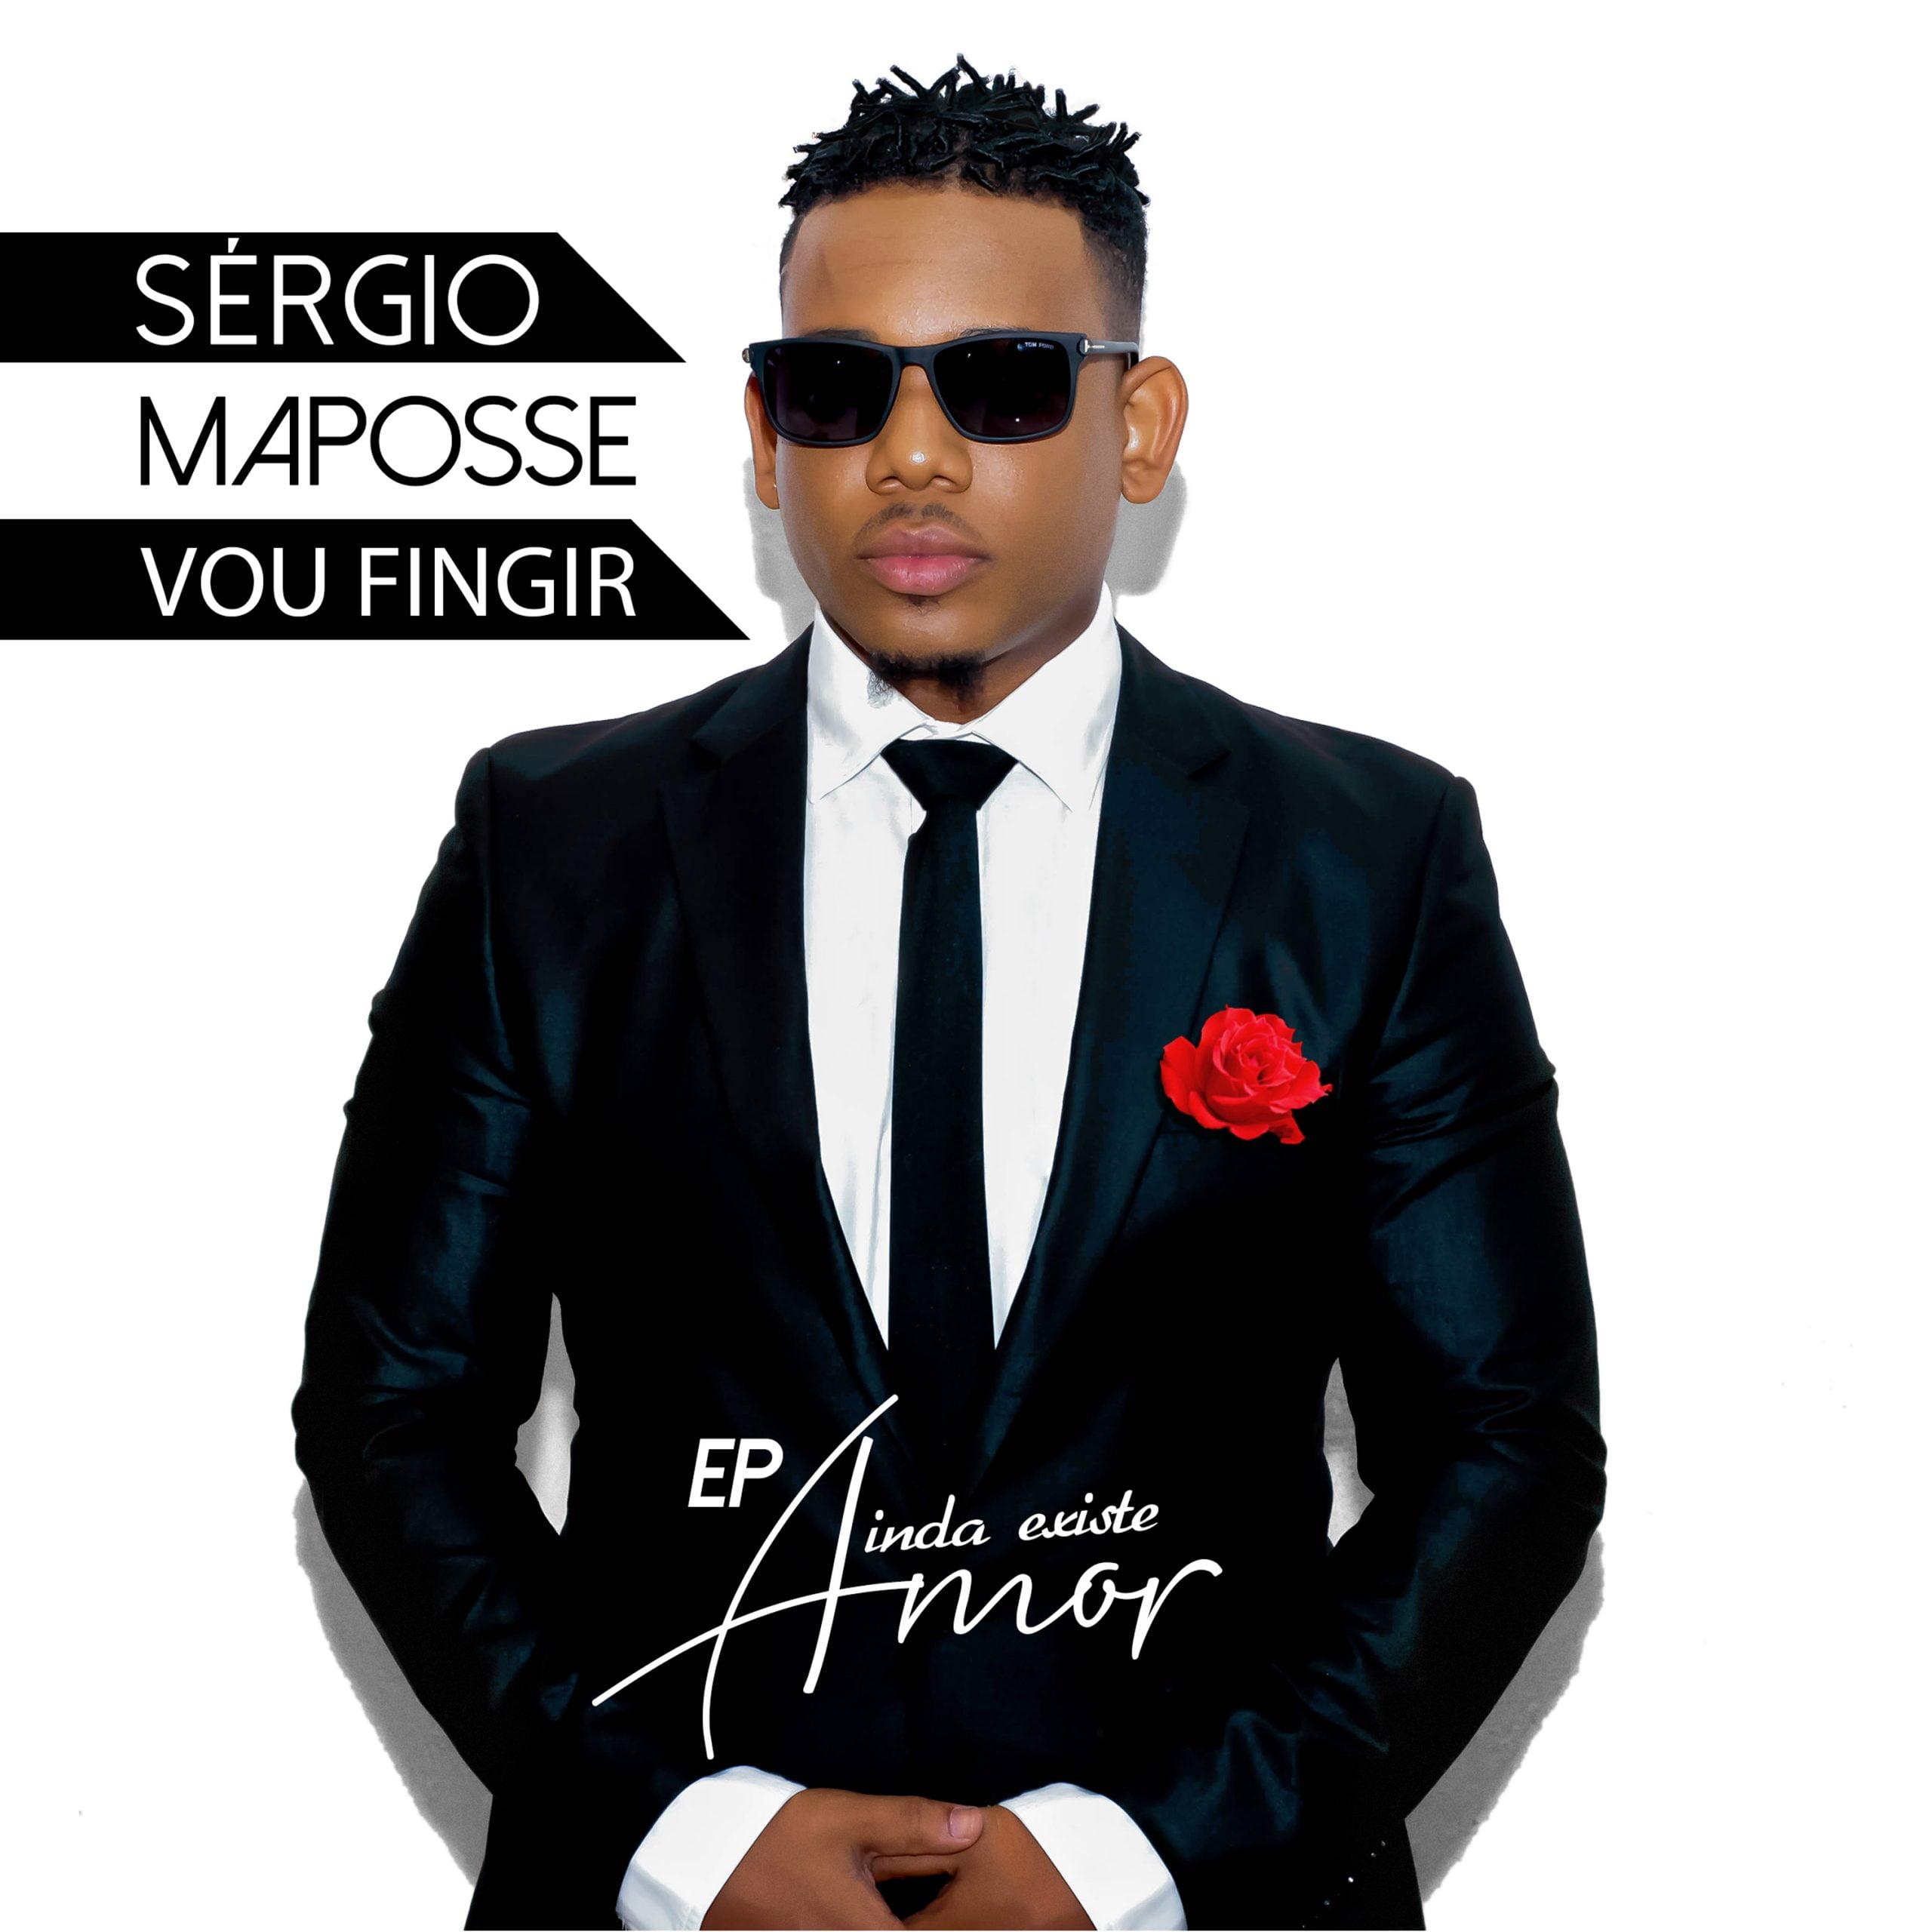 Sérgio Maposse - Vou Fingir